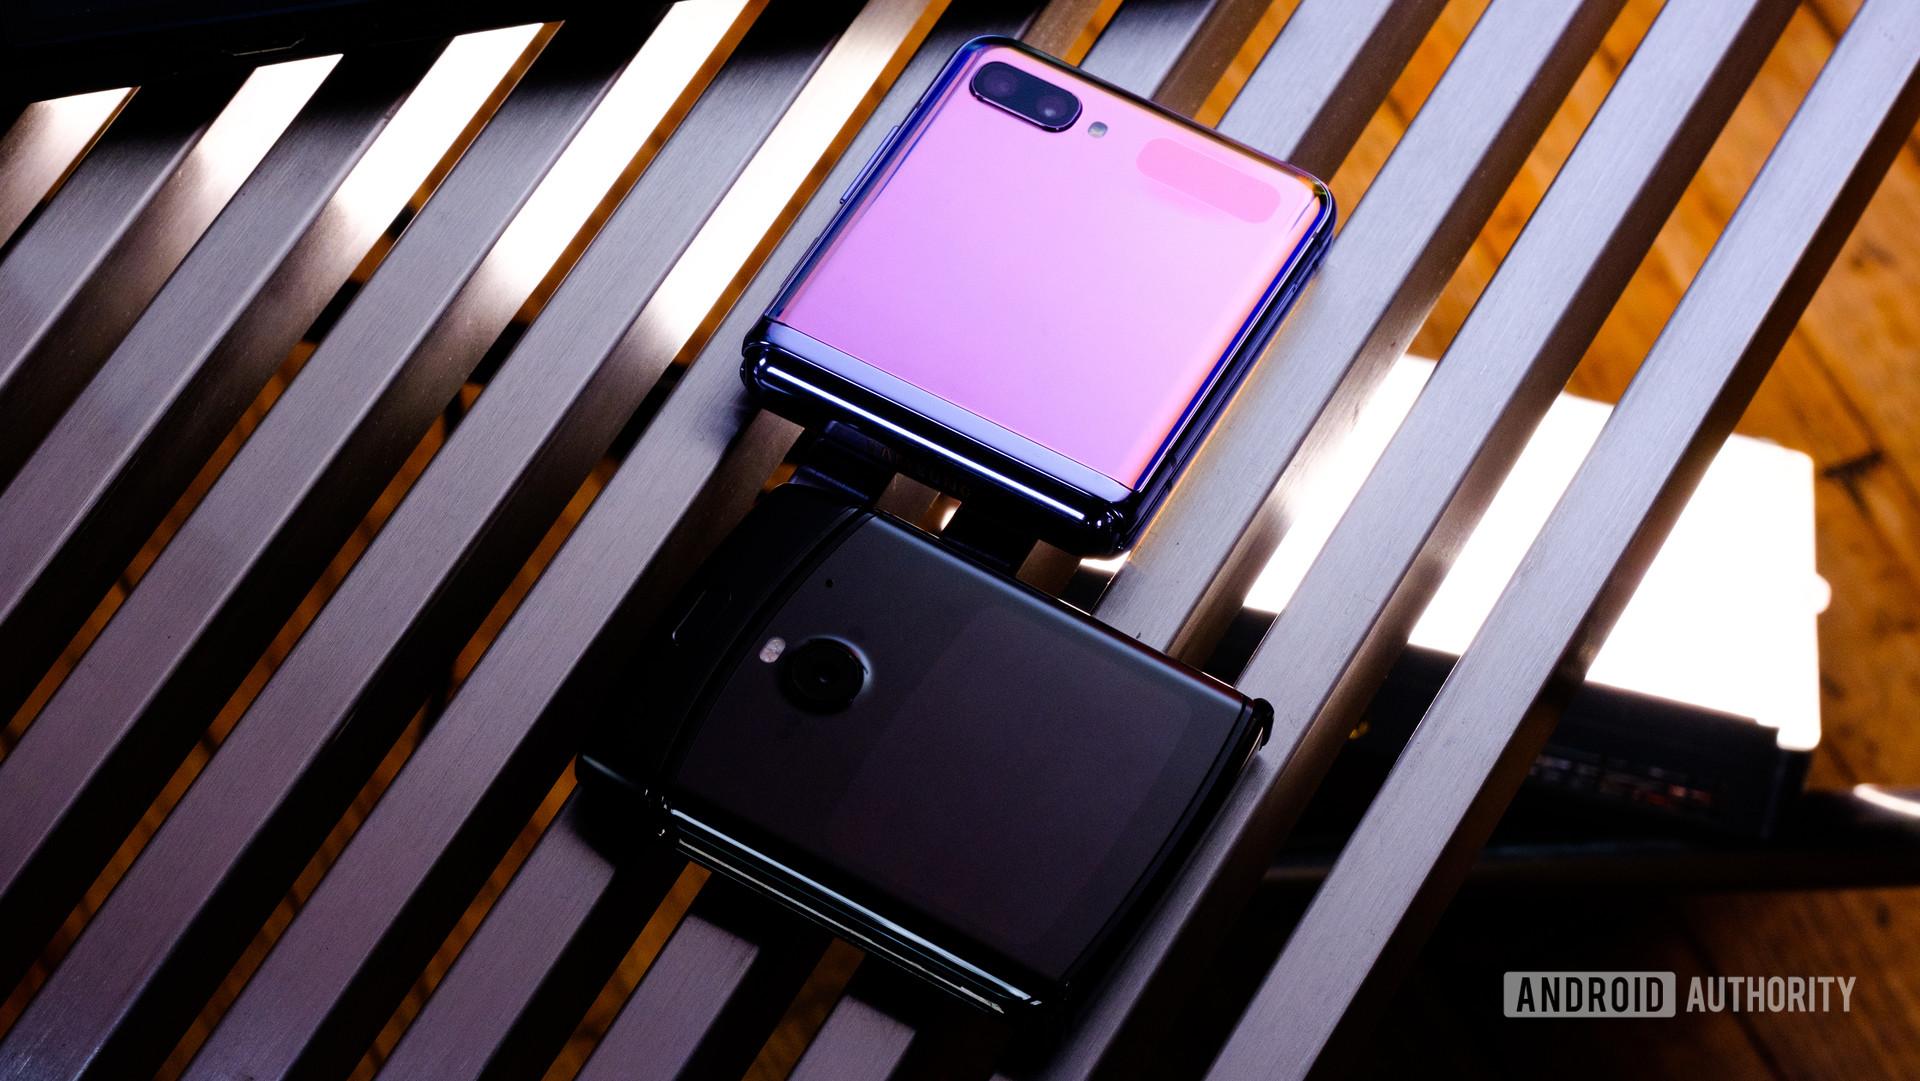 Samsung Galaxy Z Flip vs Motorola Razr folded next to each other